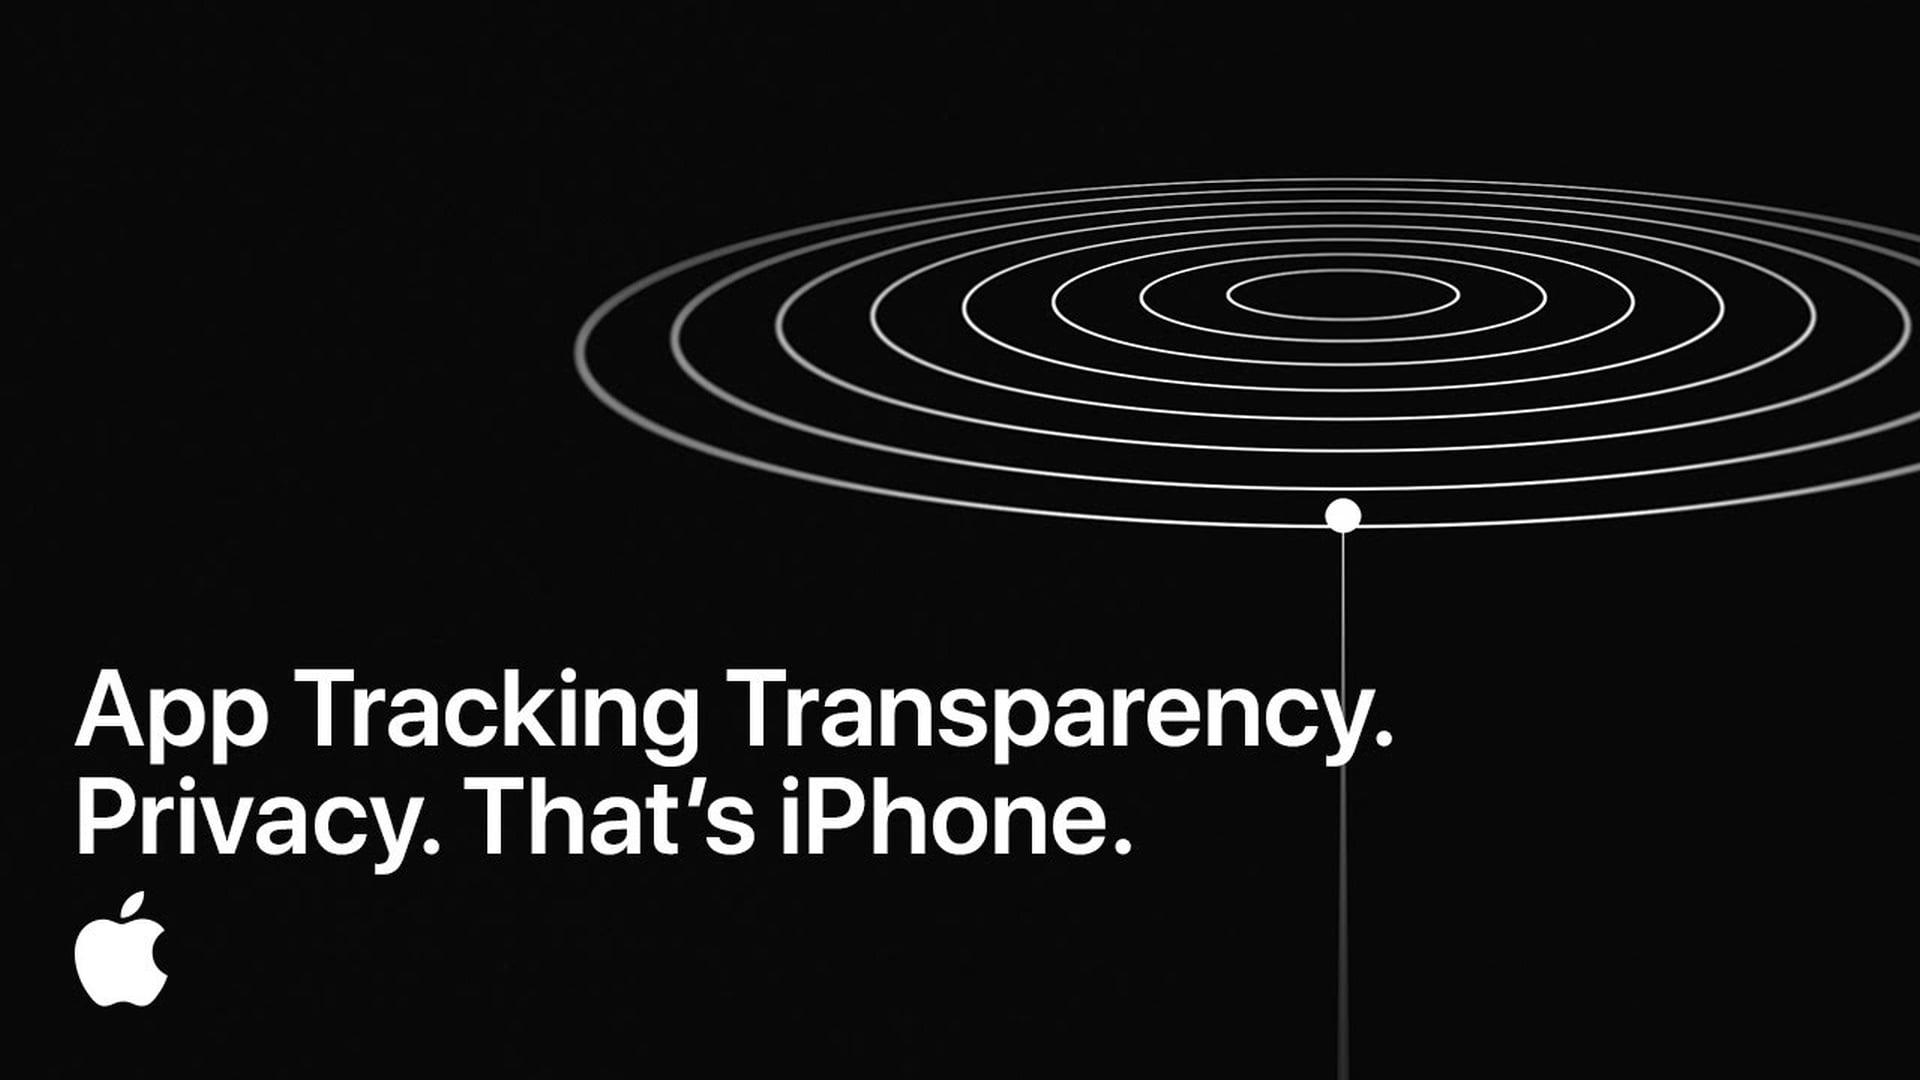 Nowa reklama o prywatności i funkcji App Tracking Transparency